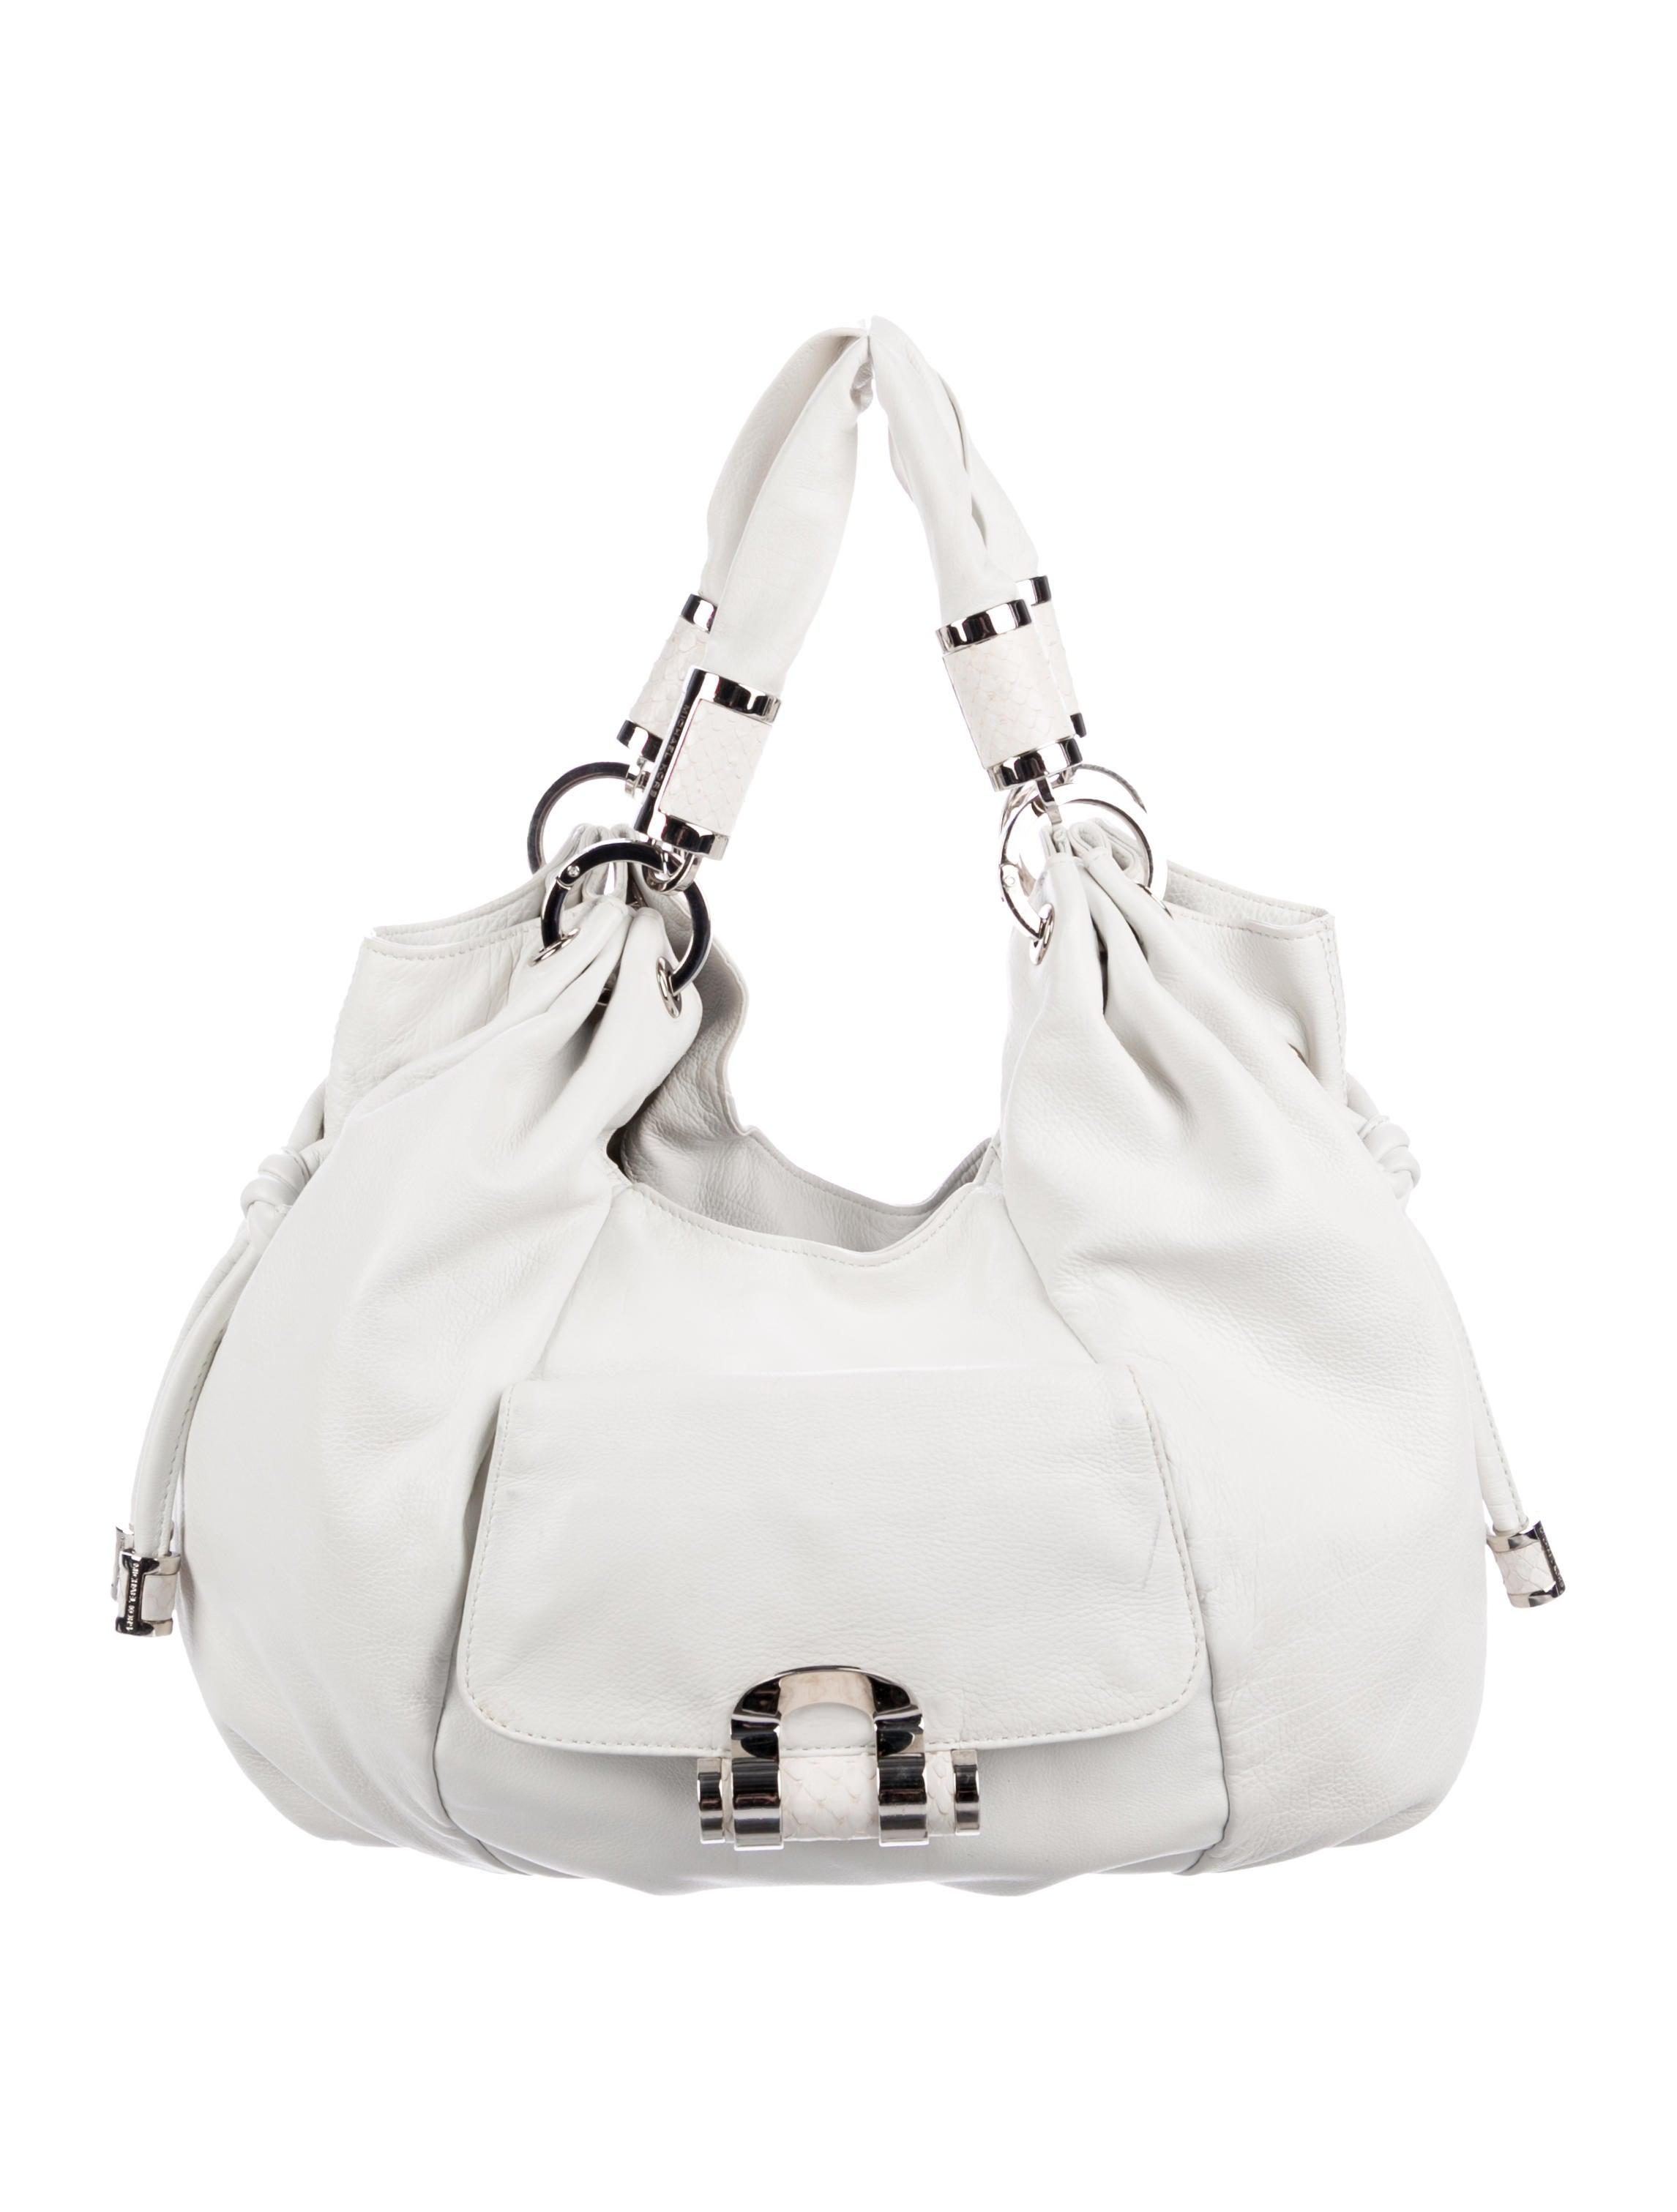 ec8df9d2e2b9 Michael Kors Snakeskin-Trimmed Leather Hobo - Handbags - MIC82460 ...